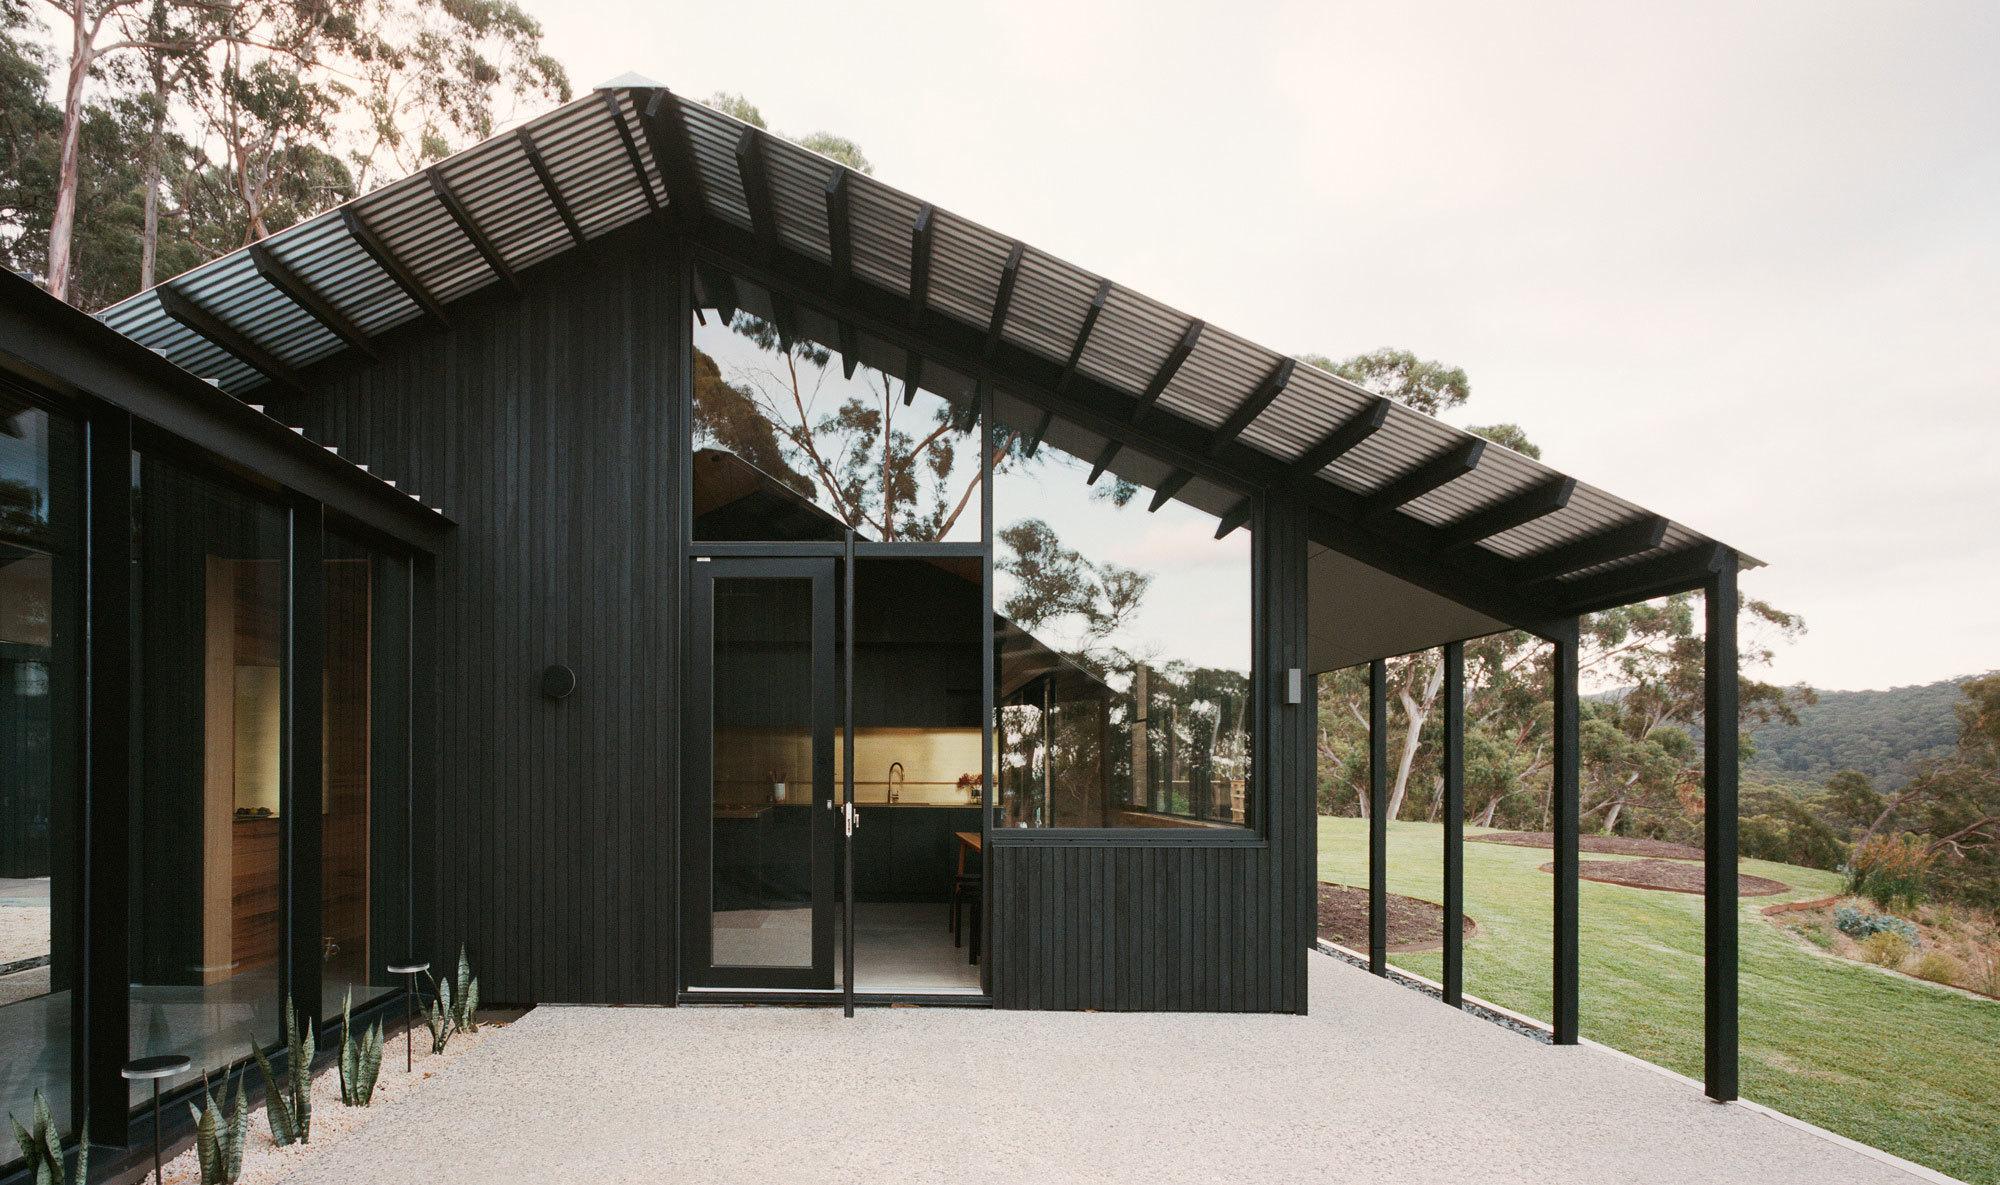 Als Vorbild für das Ferienhaus Two Sheds dienten dem Büro Dreamer australische Landhäuser und ihre cleveren Lösungen beim Schutz gegen die Wetterextreme.